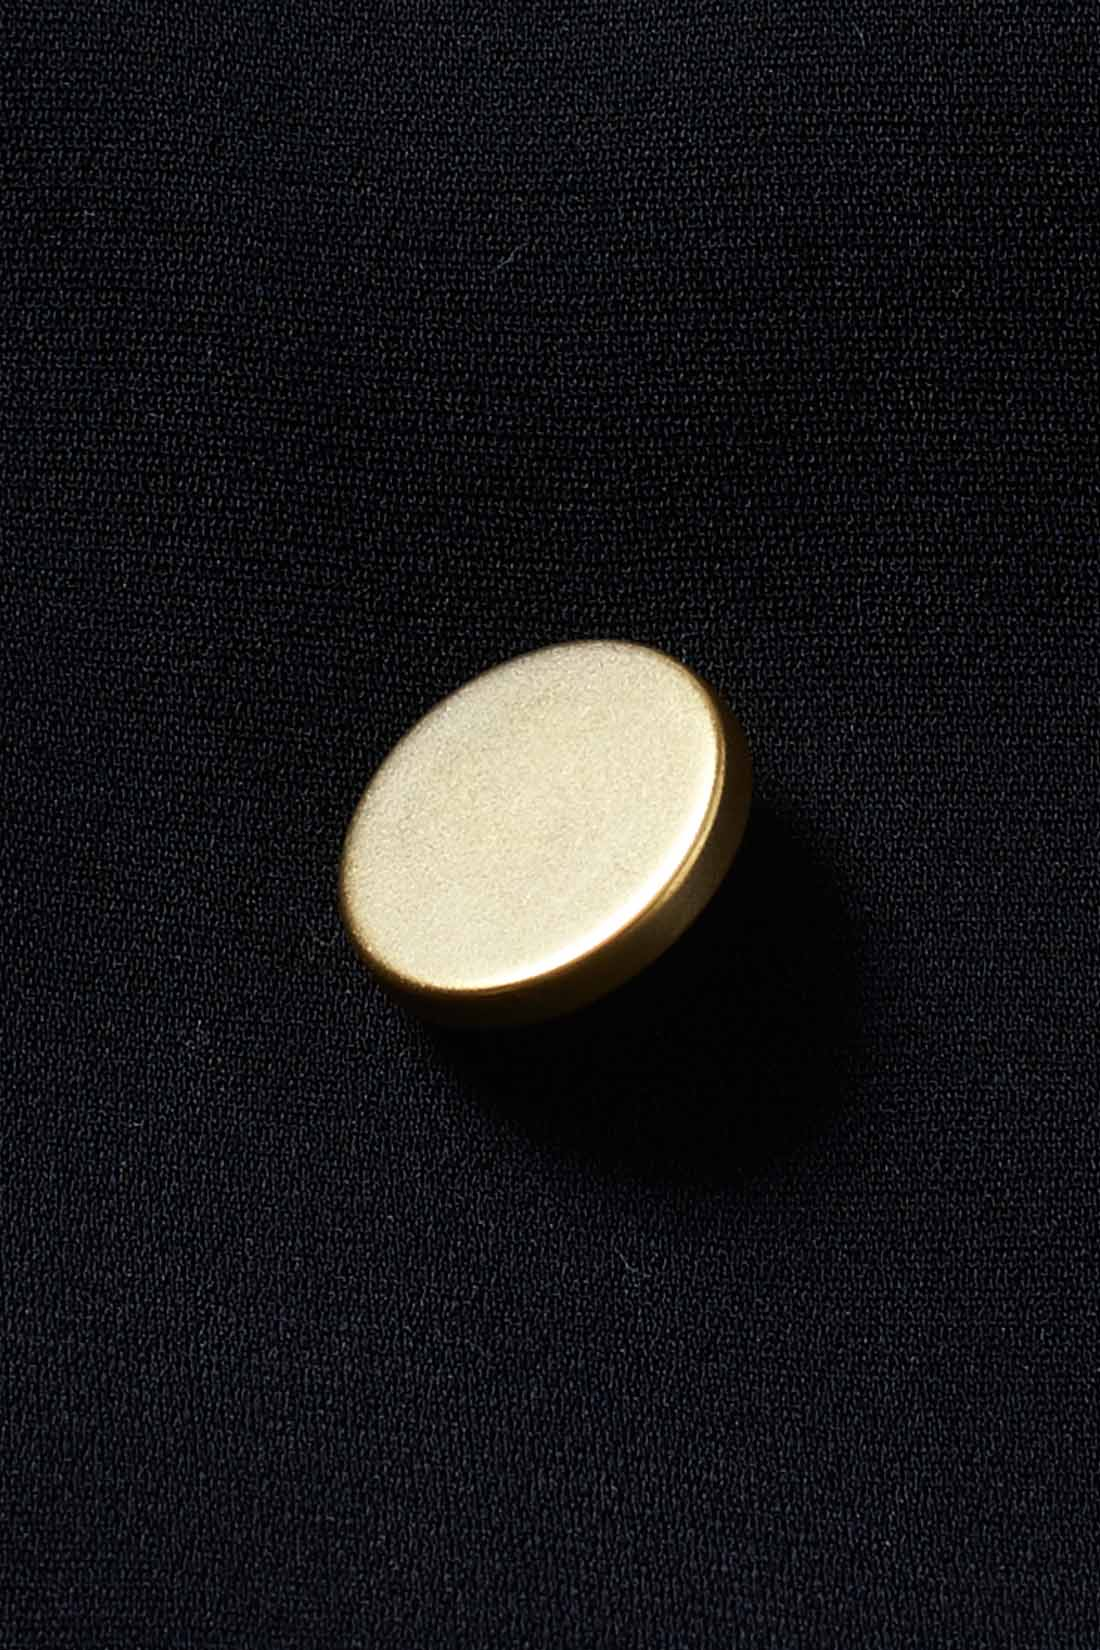 ツヤ消しゴールドのボタンが、ほどよく華やぎをプラス。